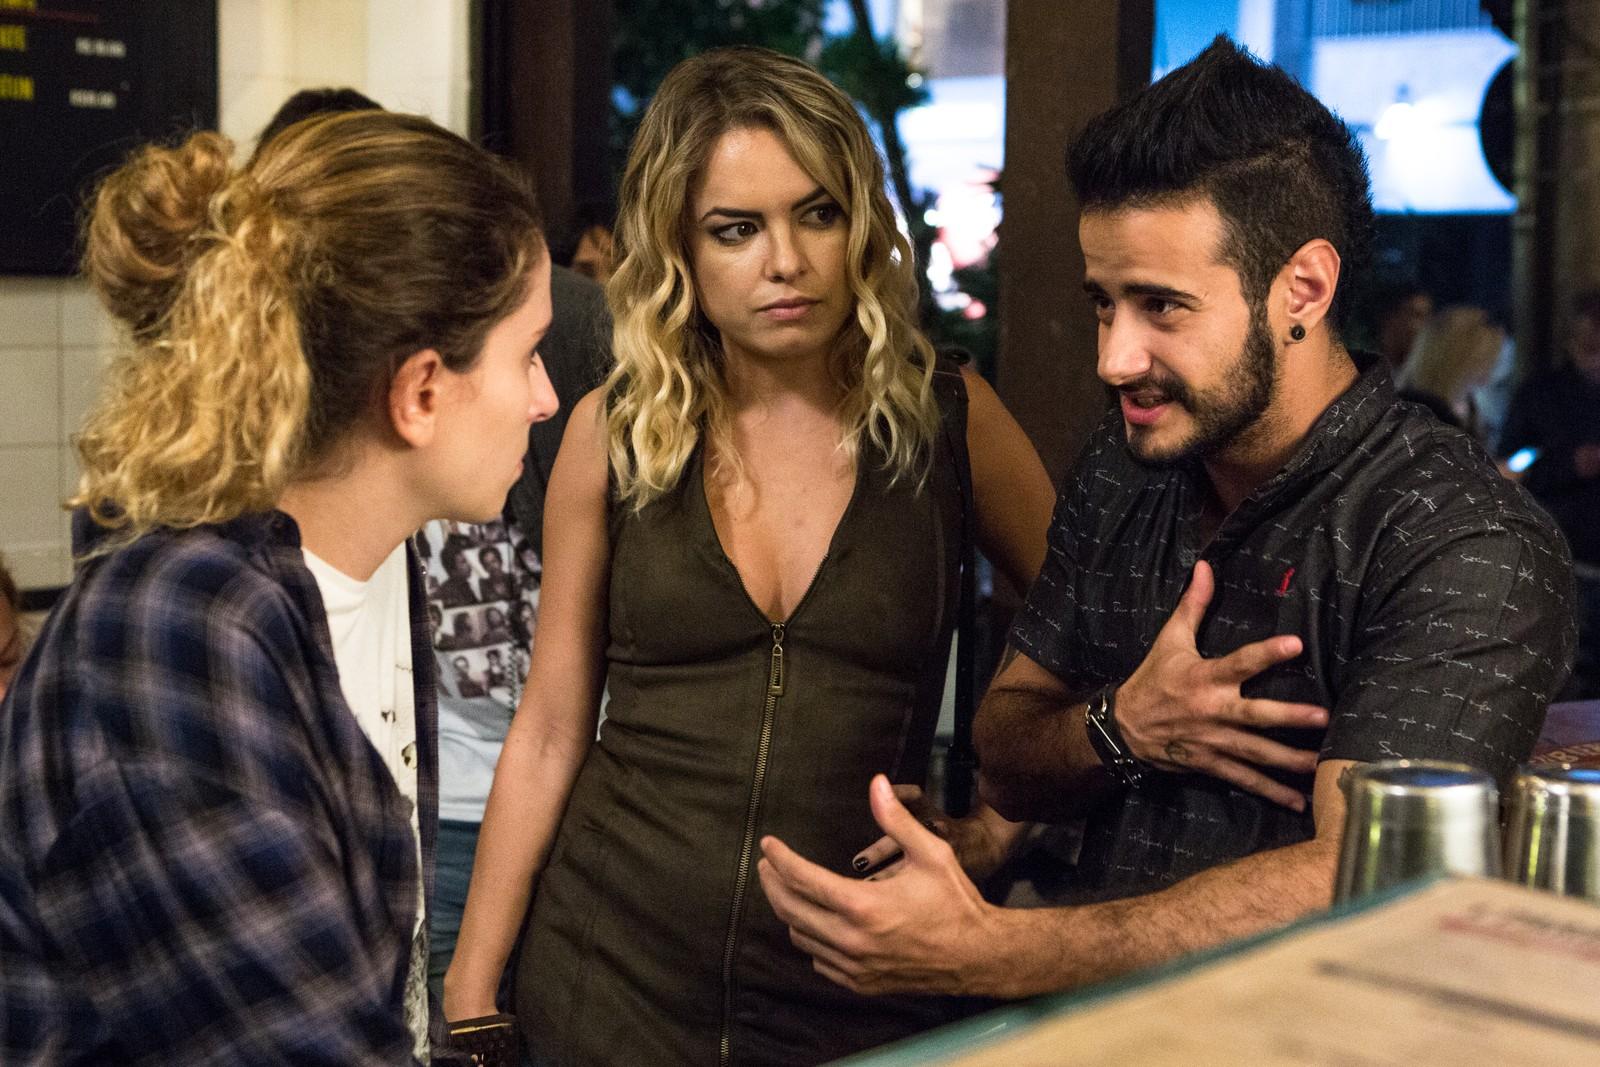 'Não quero título ou fama, só respeito', diz Tarso Brant após estreia em novela